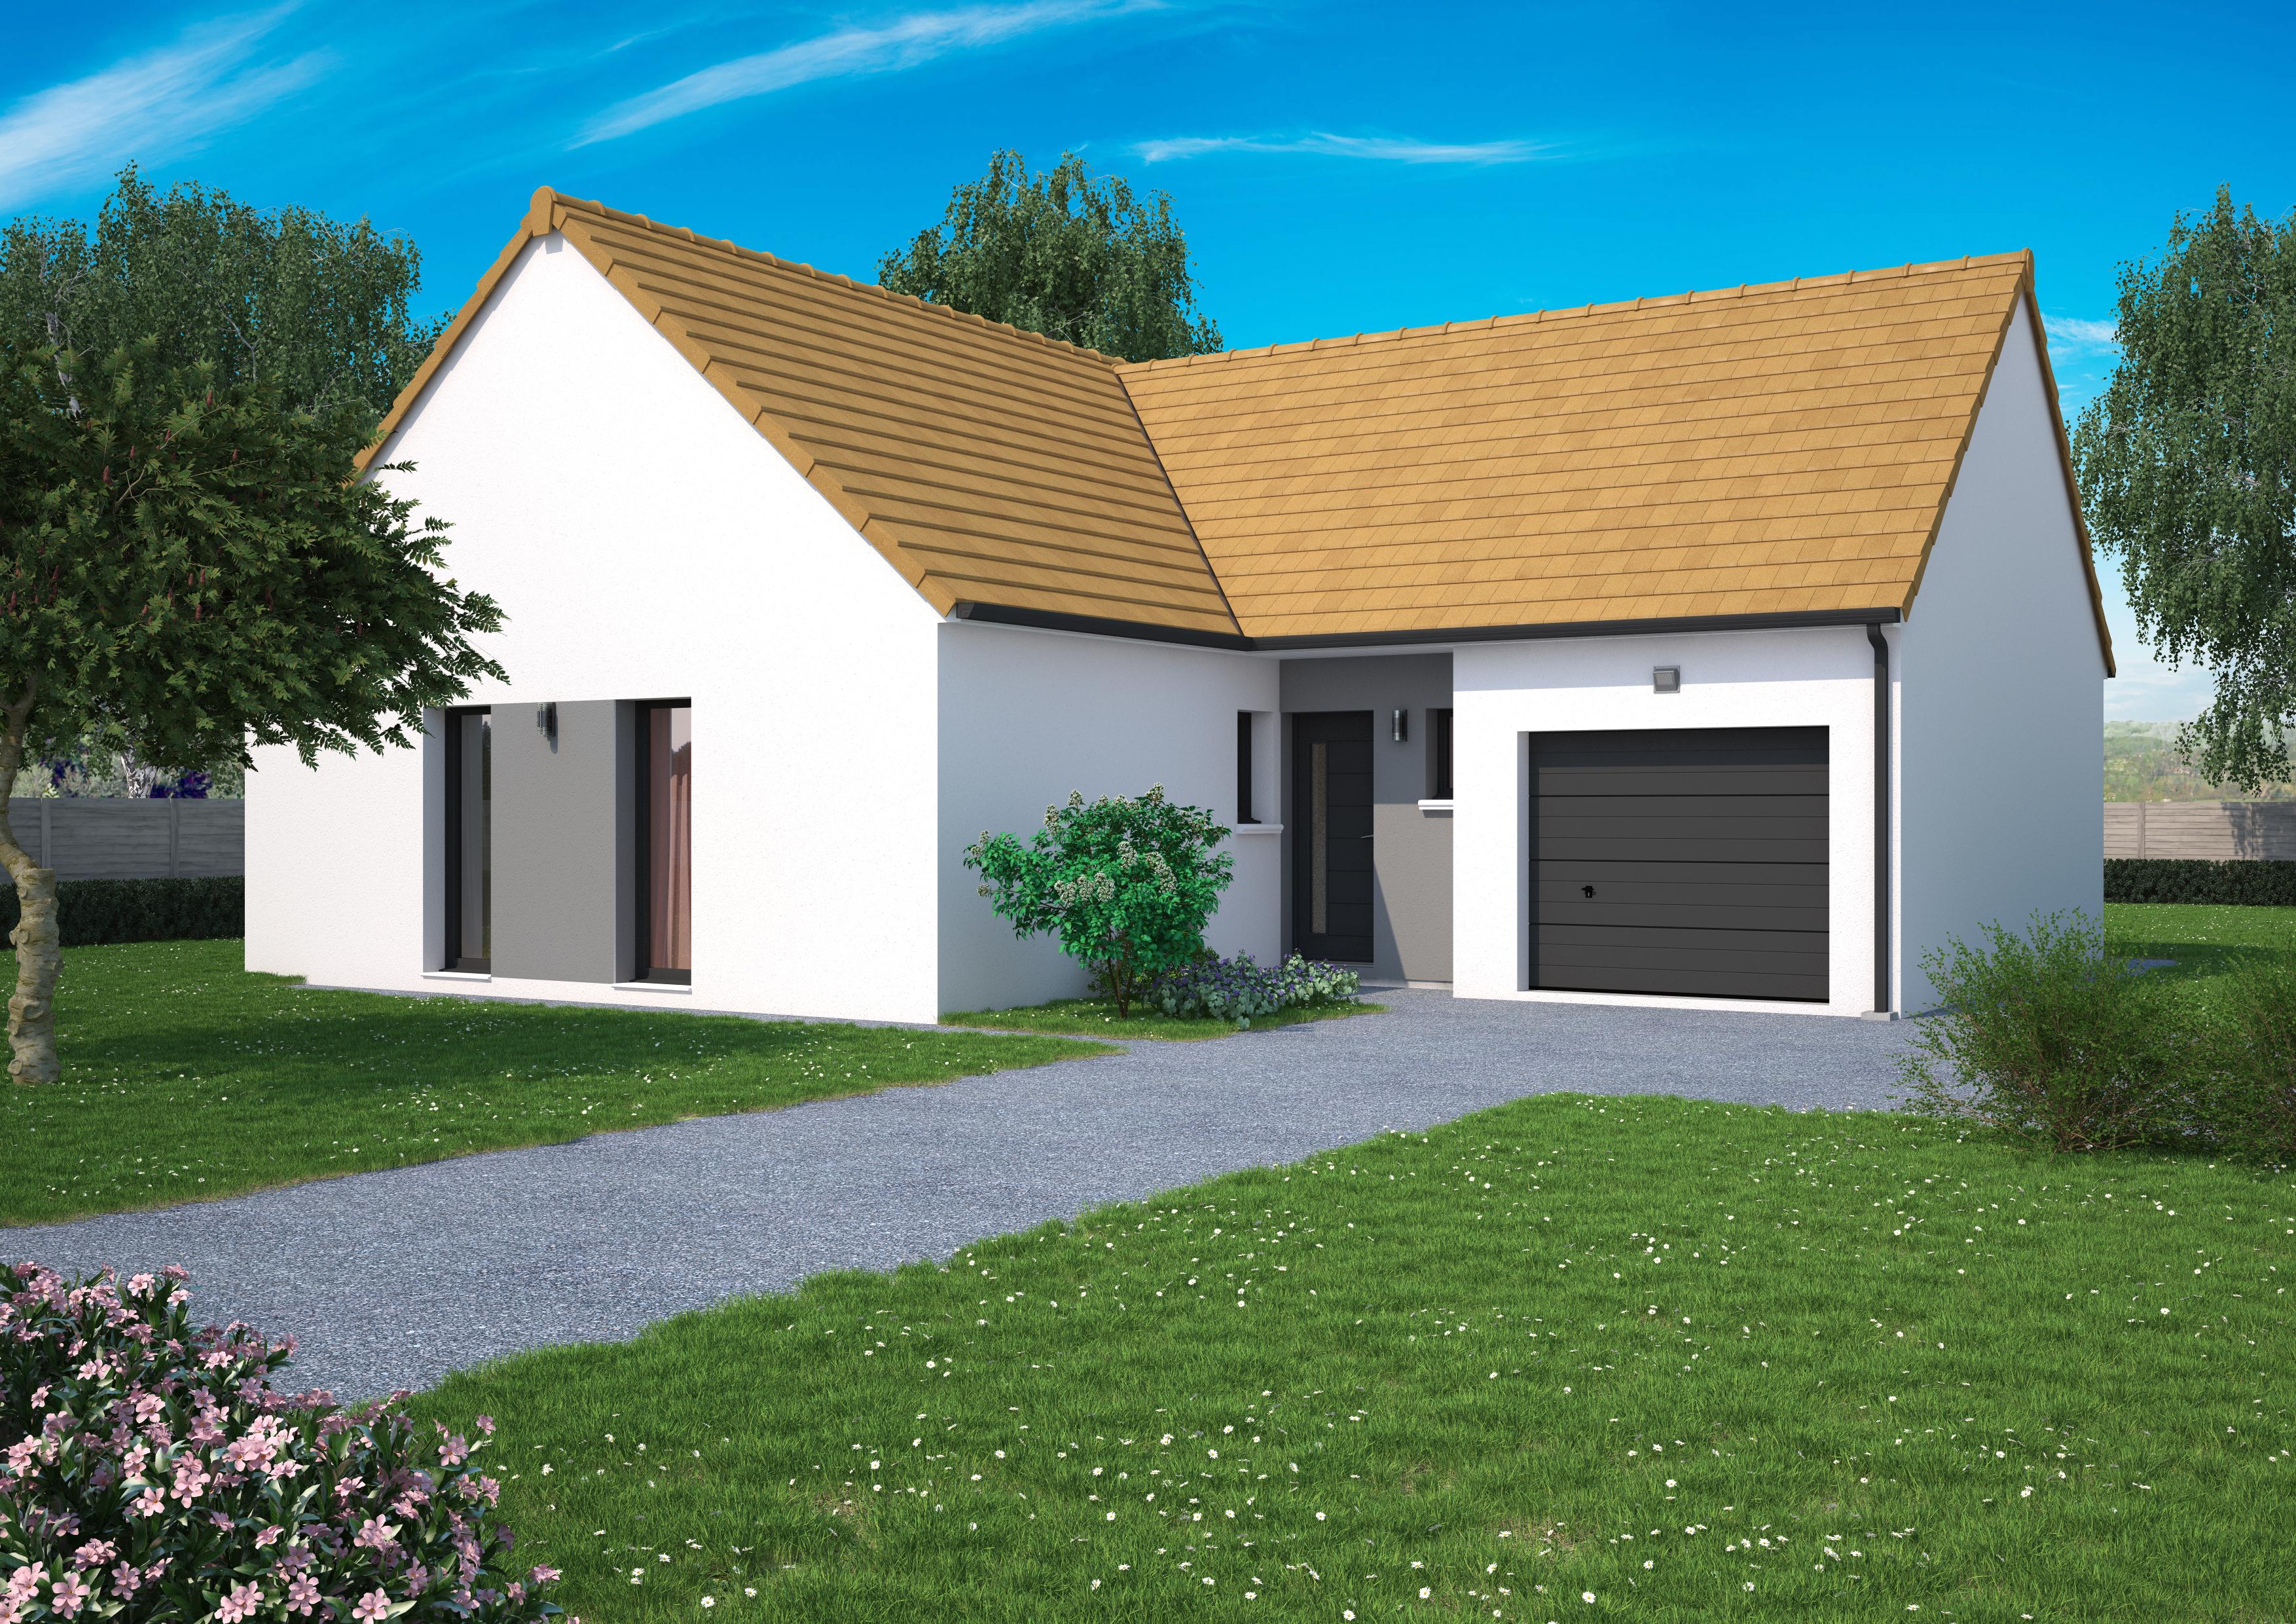 Maison à vendre à Ligny-le-Ribault